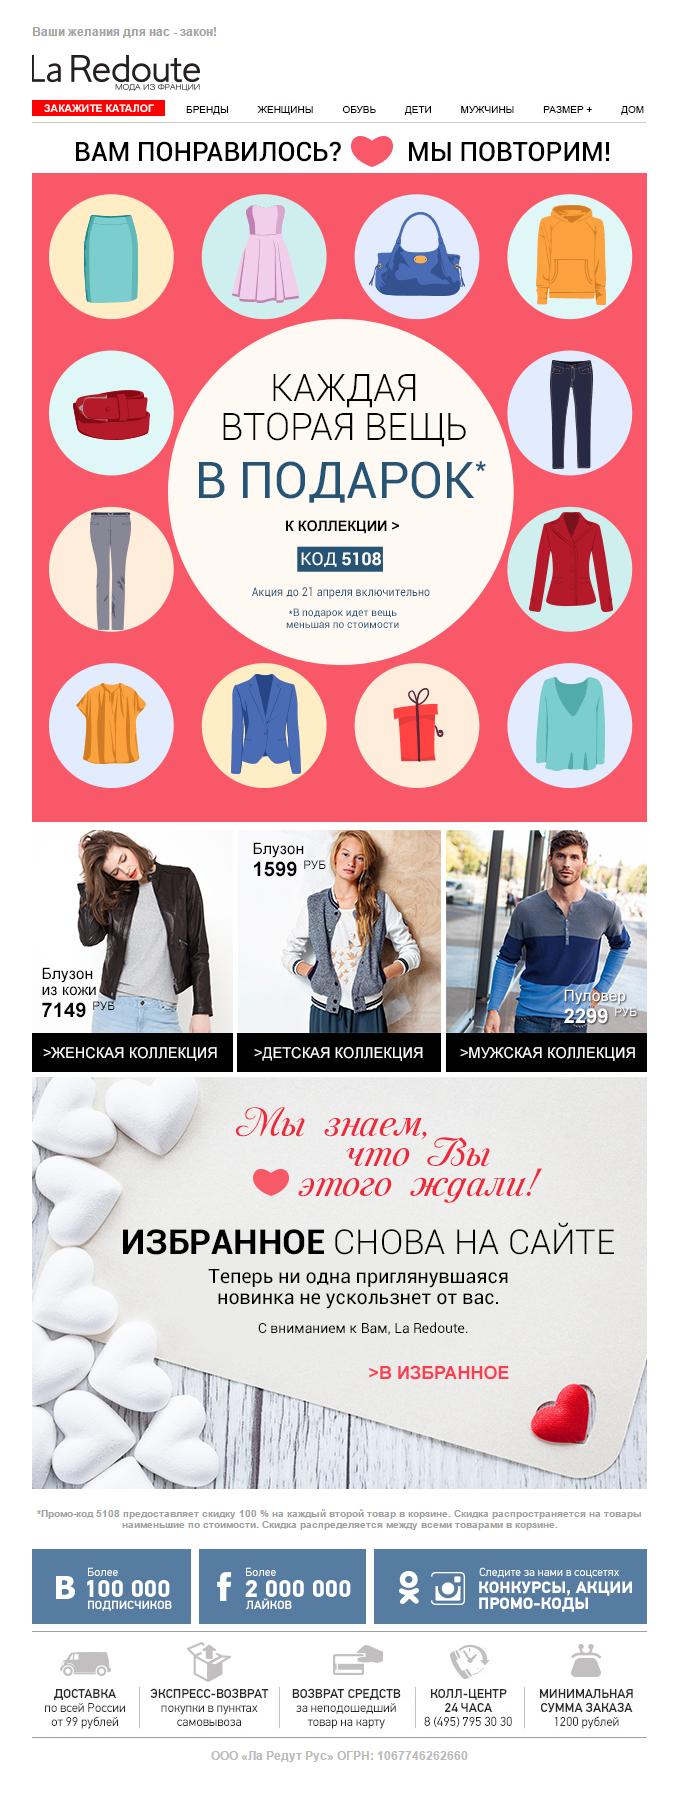 Email маркетинг для повышения лояльности клиентов - 12